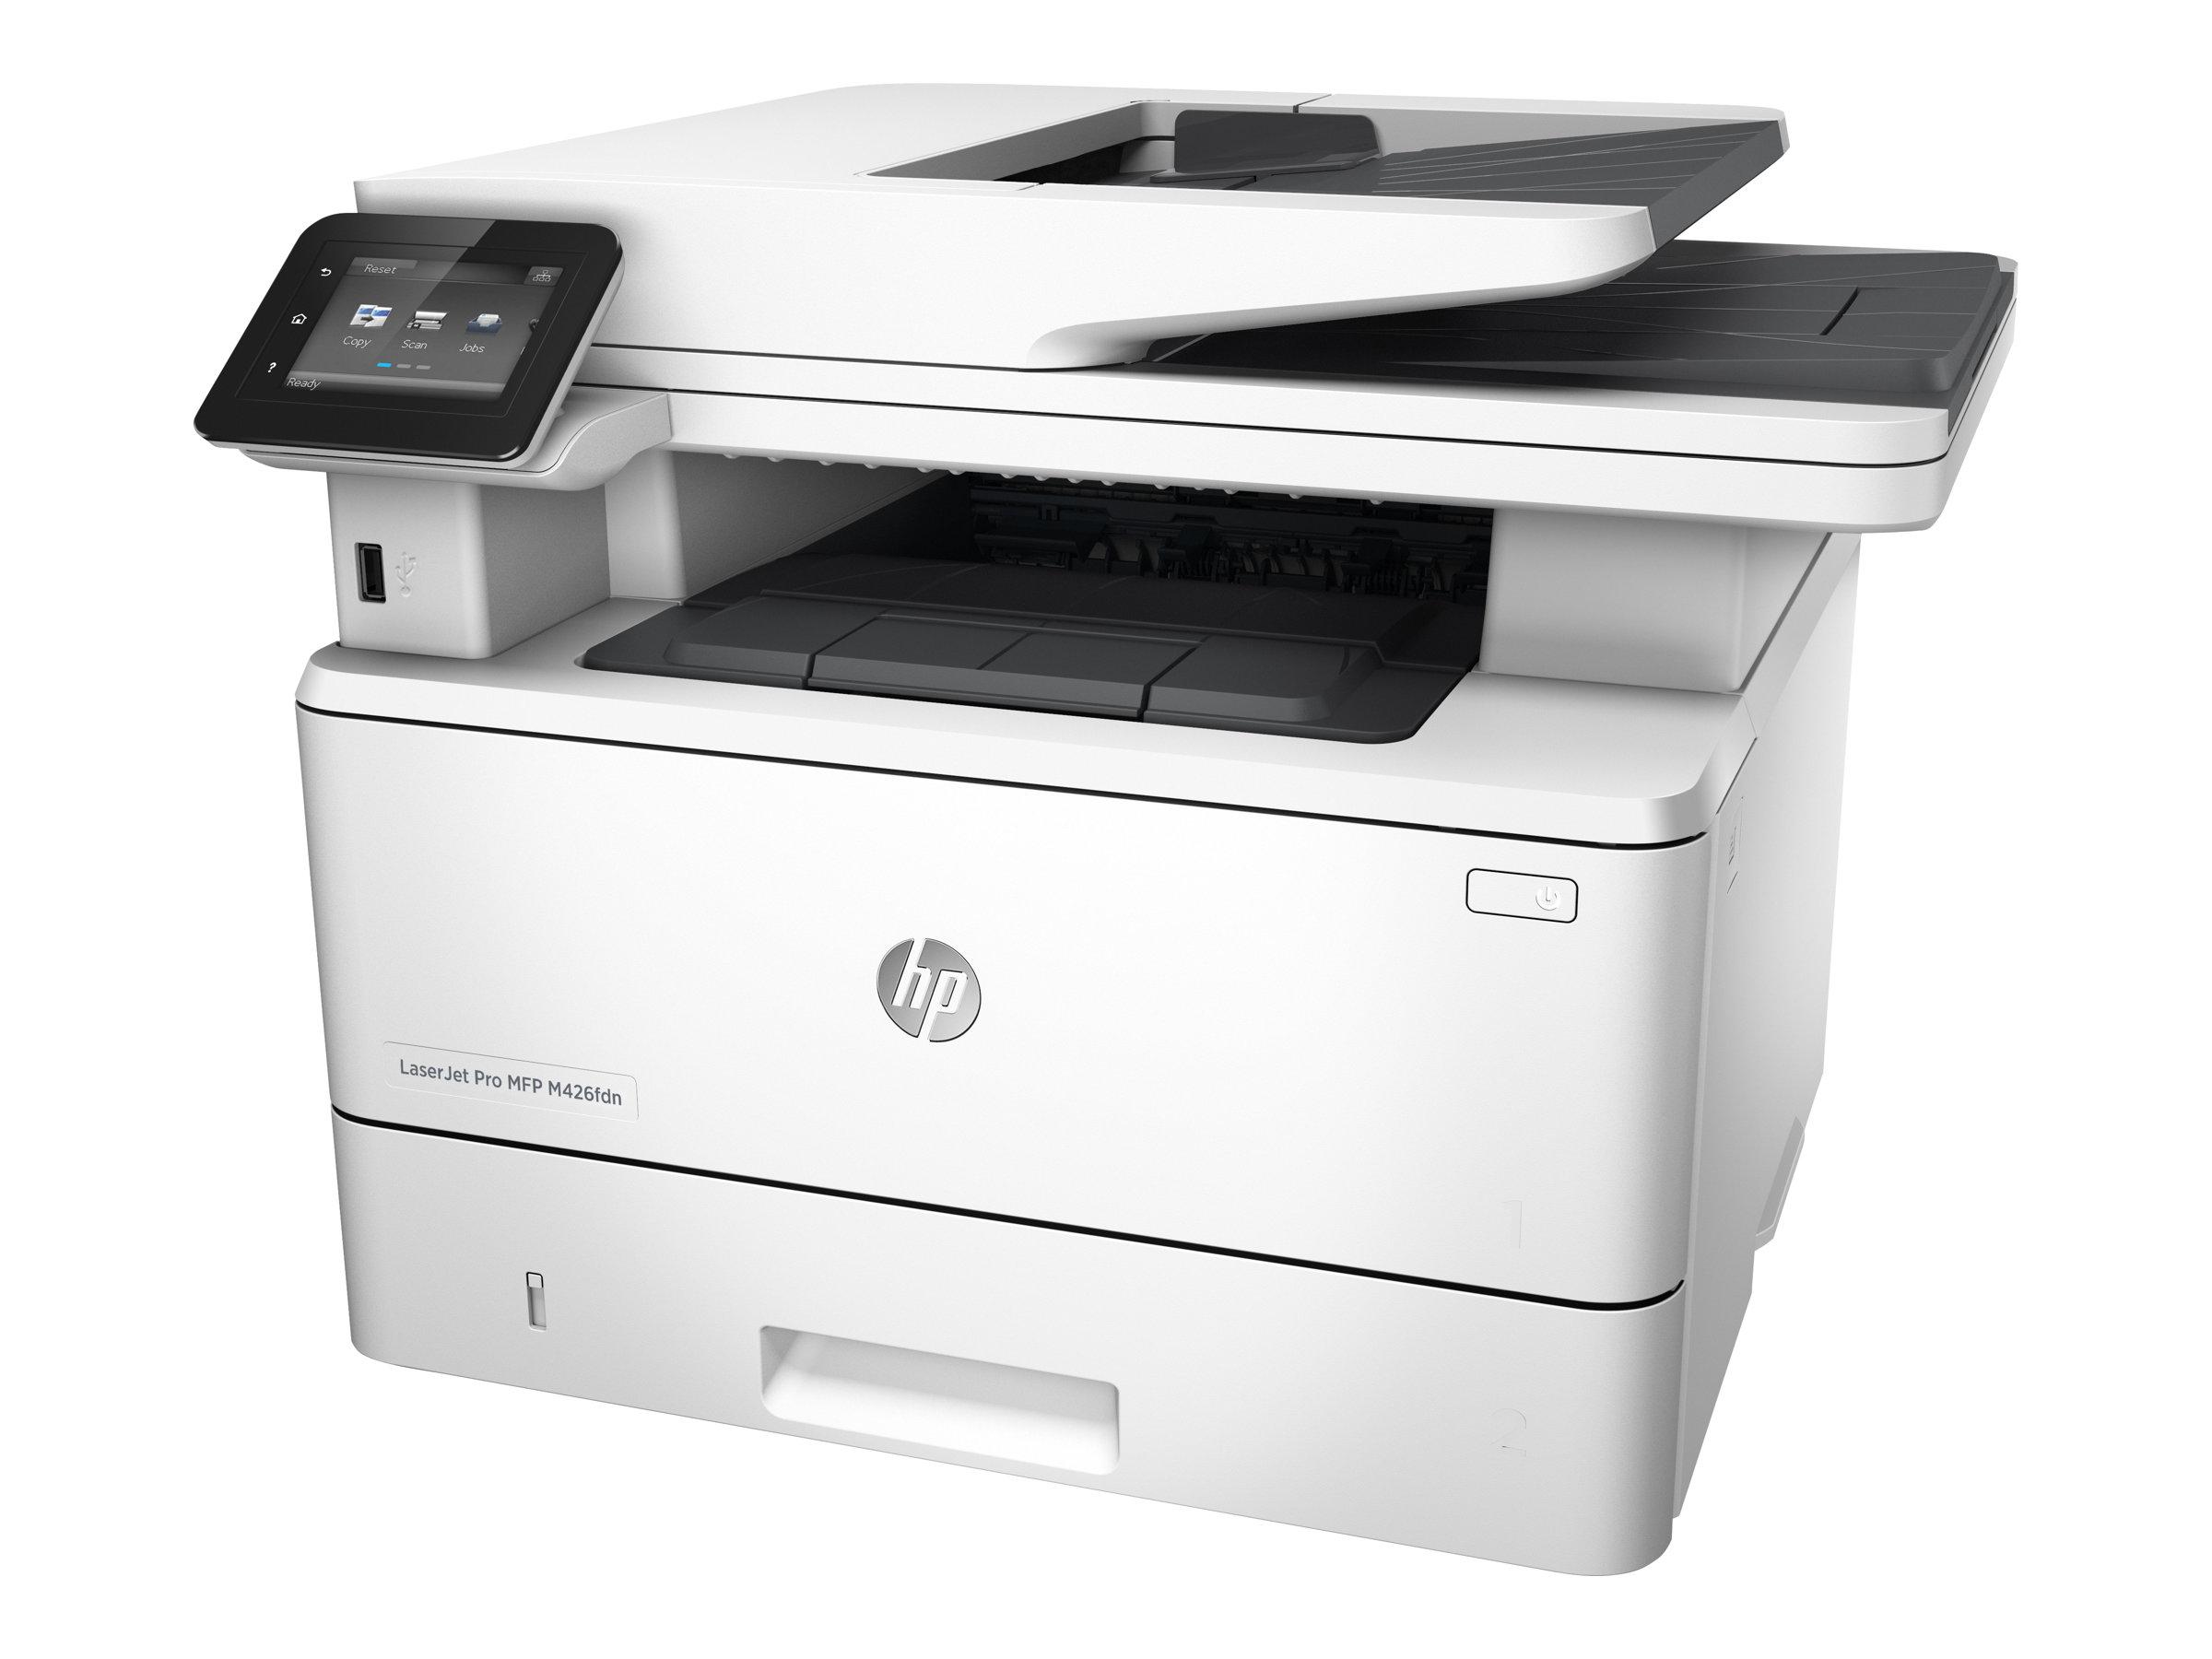 HP LaserJet Pro MFP M426fdn - Multifunktionsdrucker - s/w - Laser - Legal (216 x 356 mm)